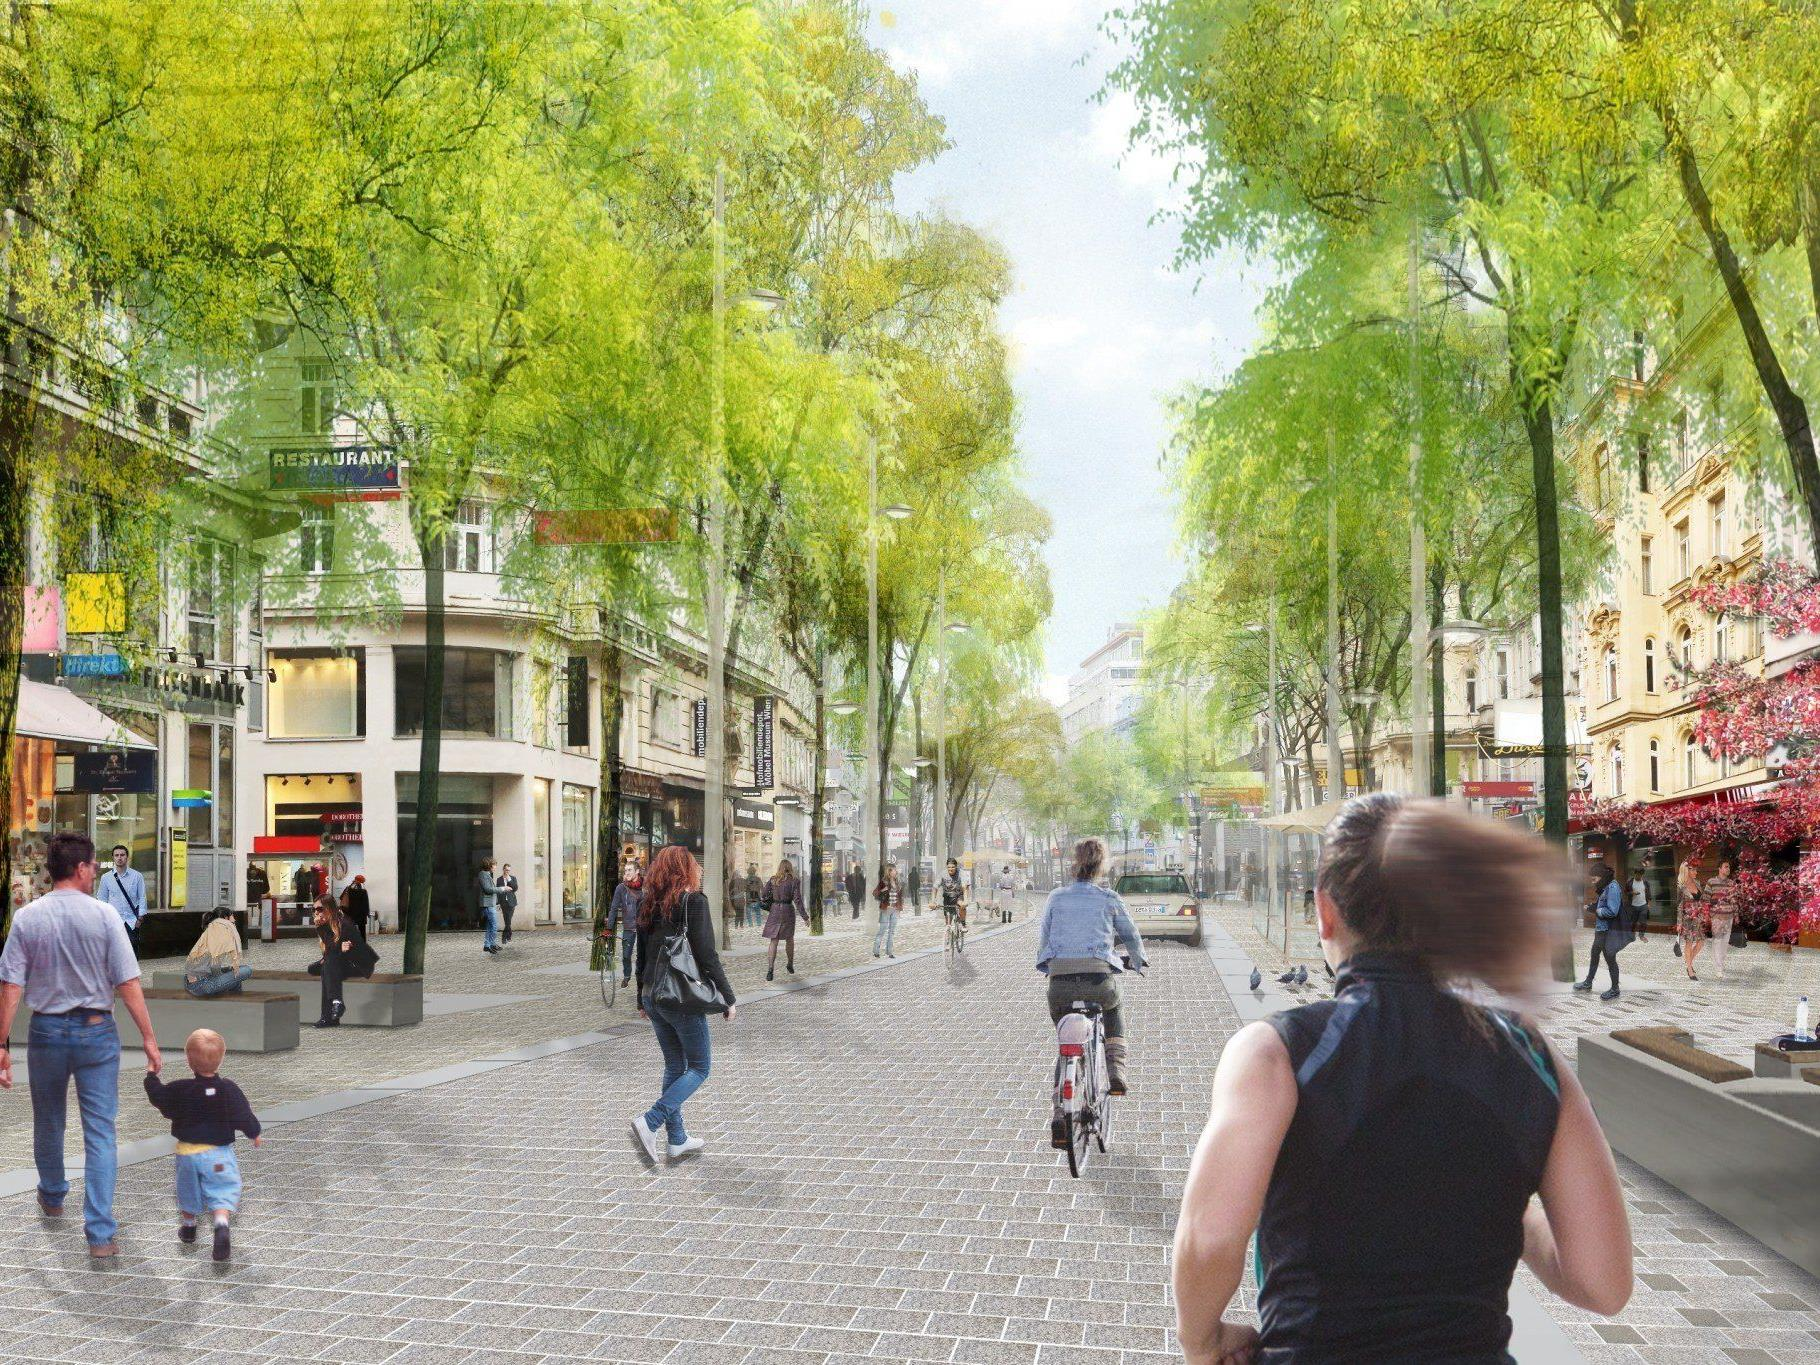 Am 19. Mai beginnt der Umbau der Mariahilfer Straße zur Fußgängerzone.